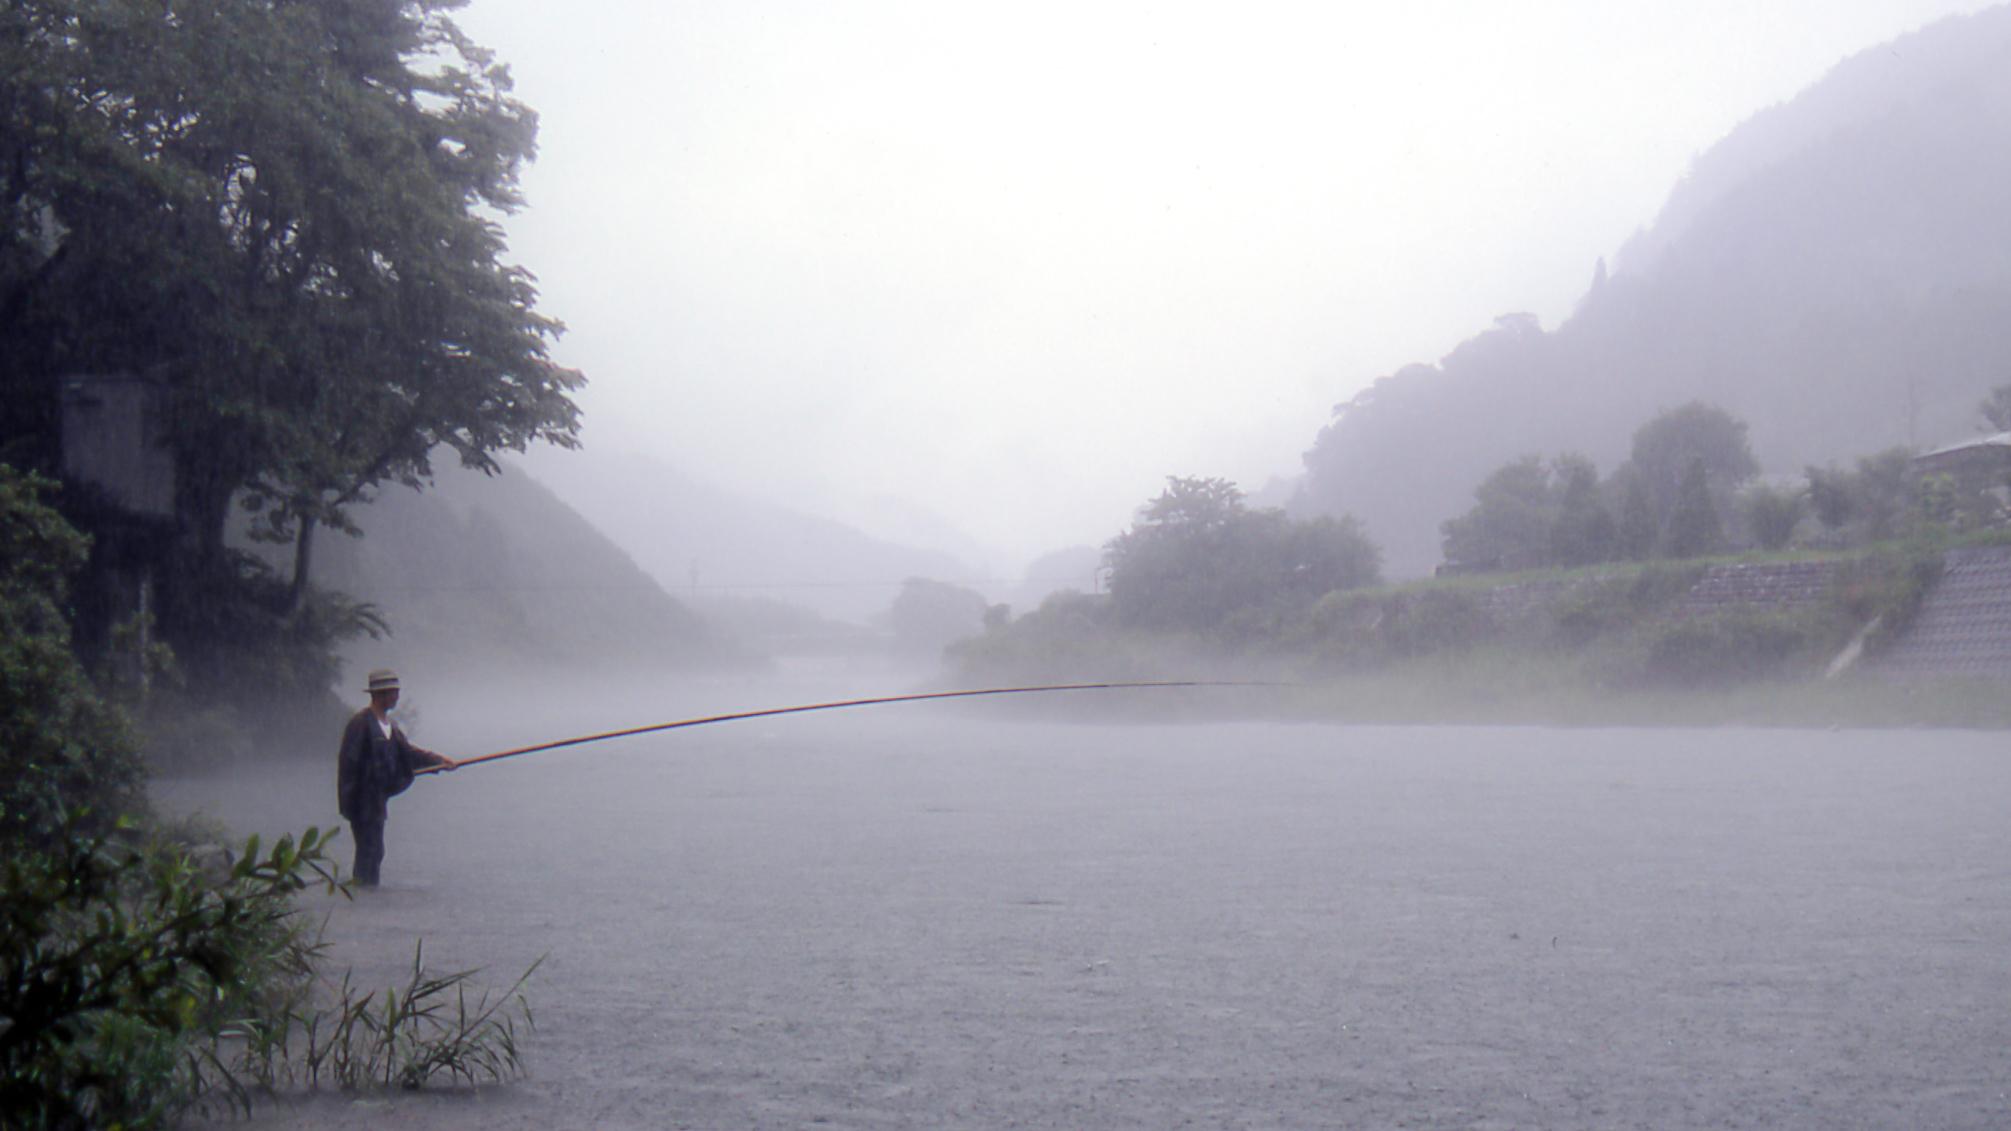 Kohmatsu, Japan